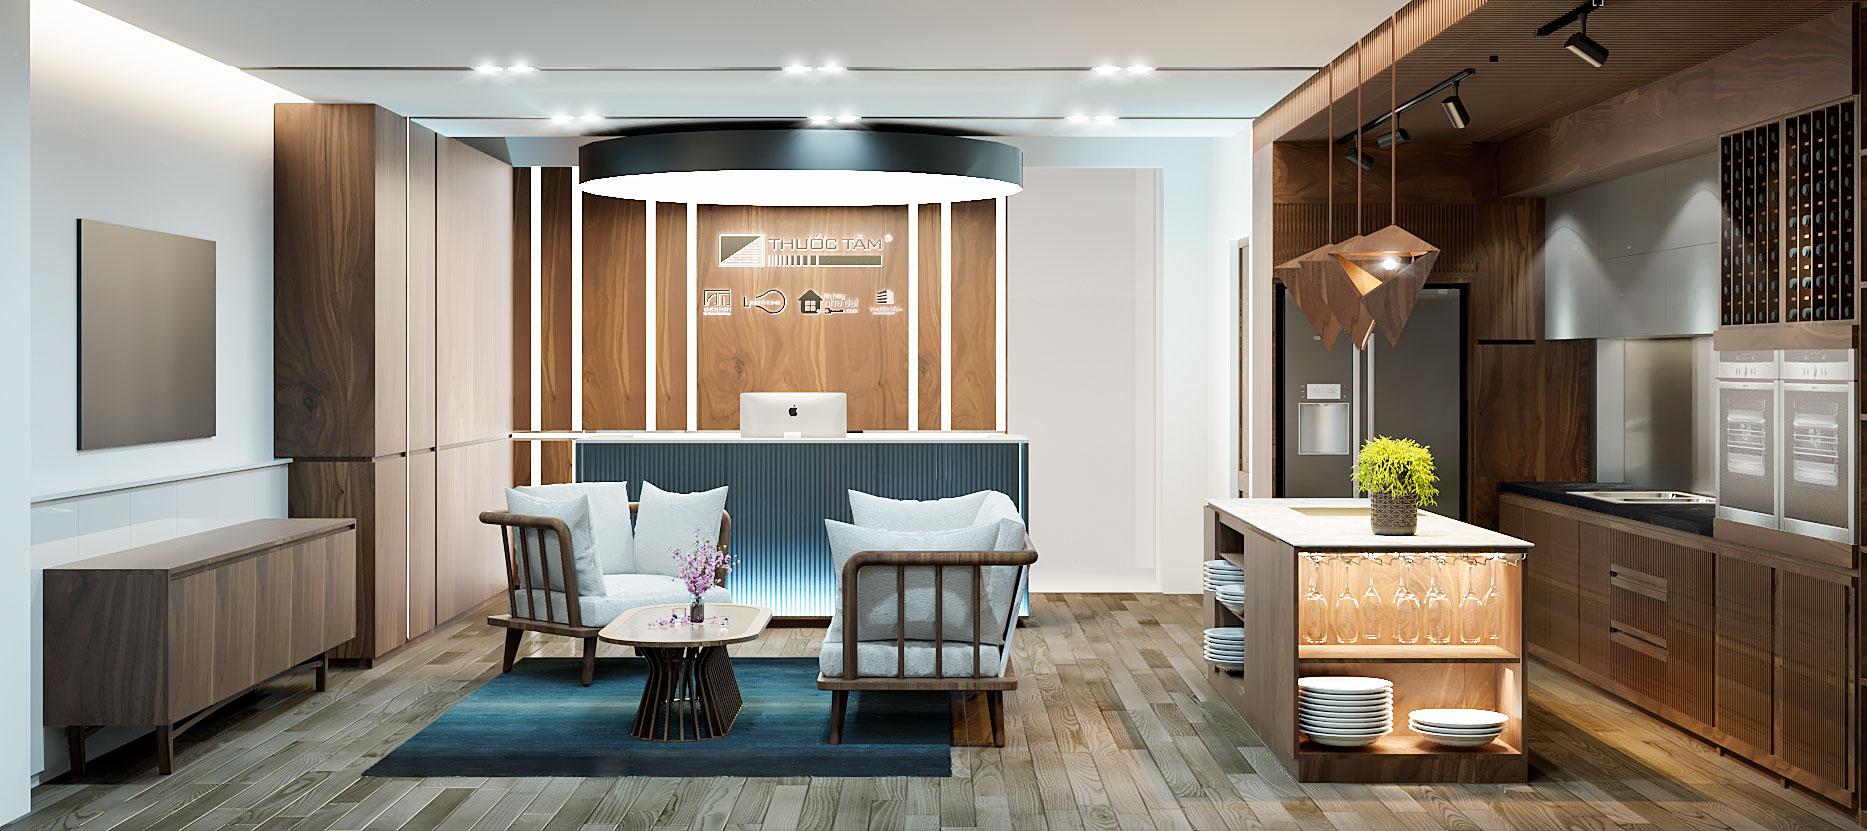 Nội thất showroom chi nhánh Nha Trang được thiết kế theo phong cách New Mid-Century độc đáo giao thoa giữa cái cũ và mới, sang trọng